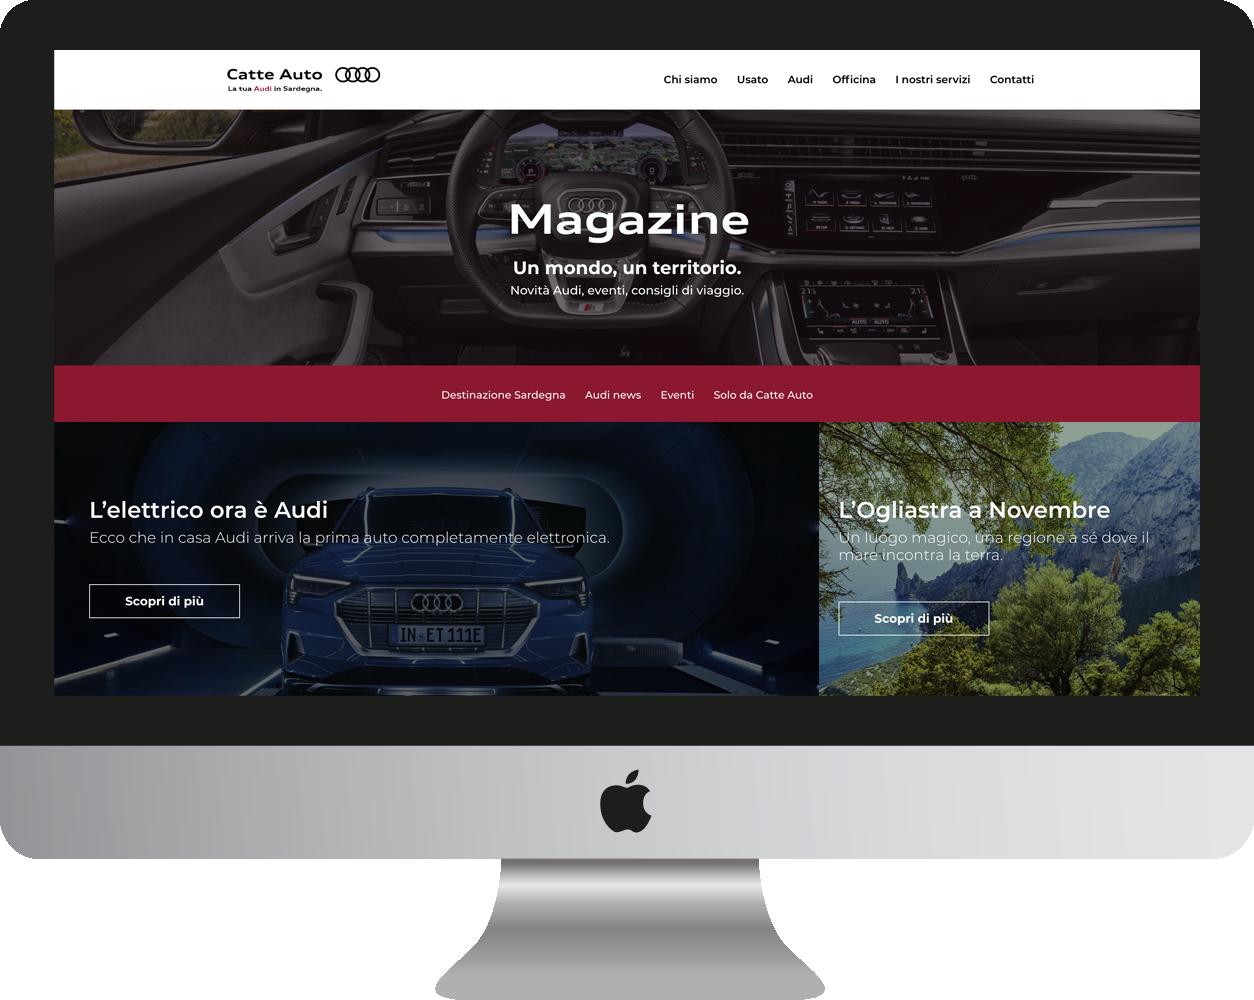 Catte Auto - magazine